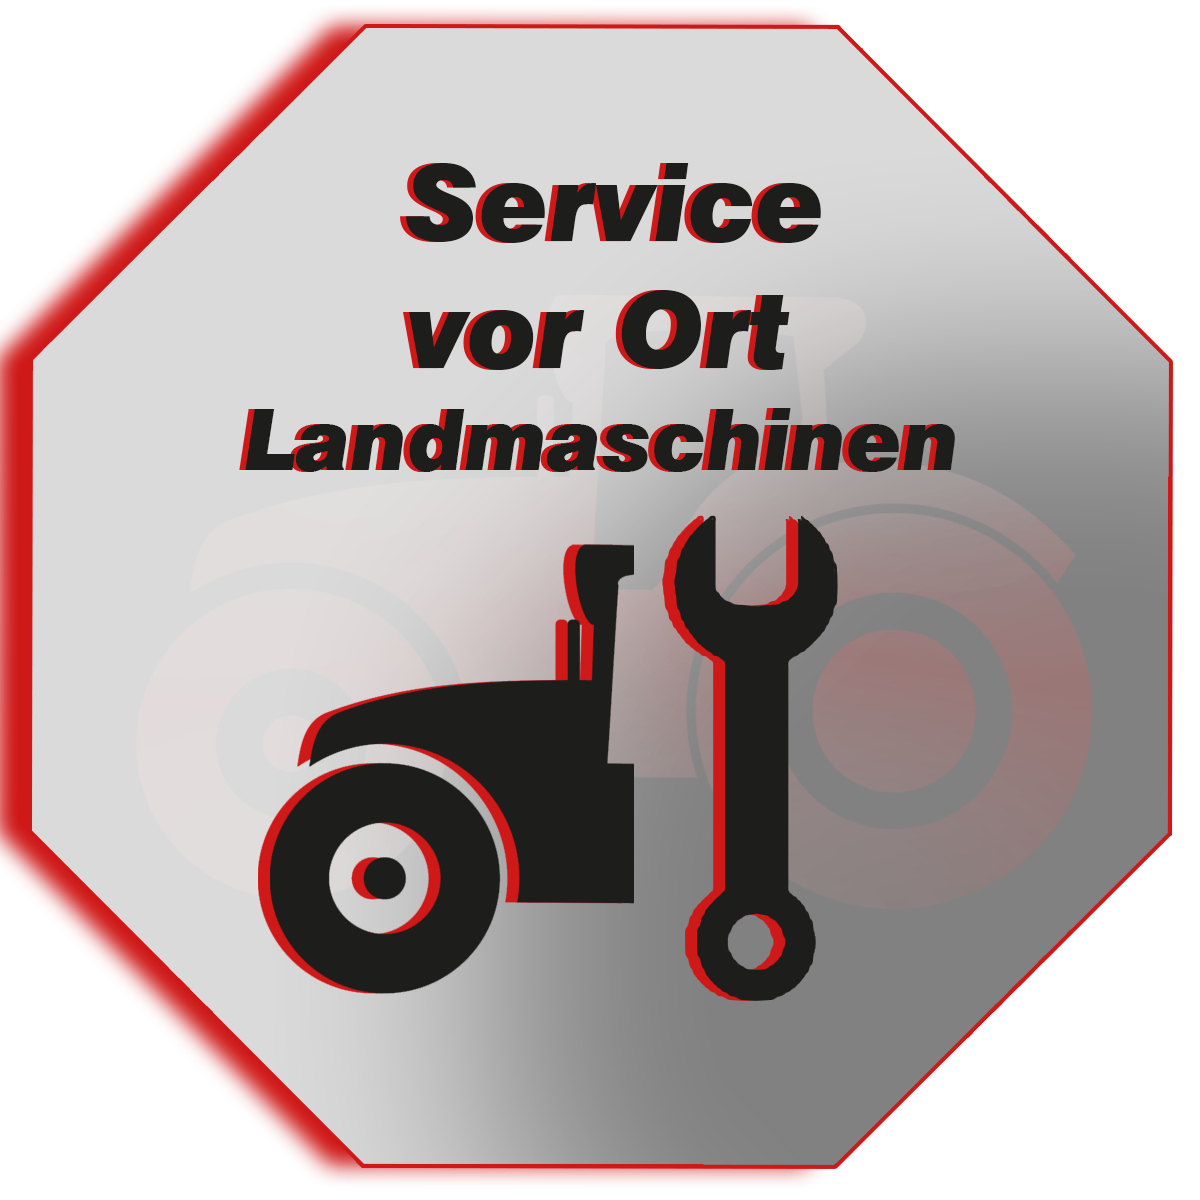 Reparatur vor Ort - wir kommen zu Ihnen und reparieren Ihre Maschinen und Geräte